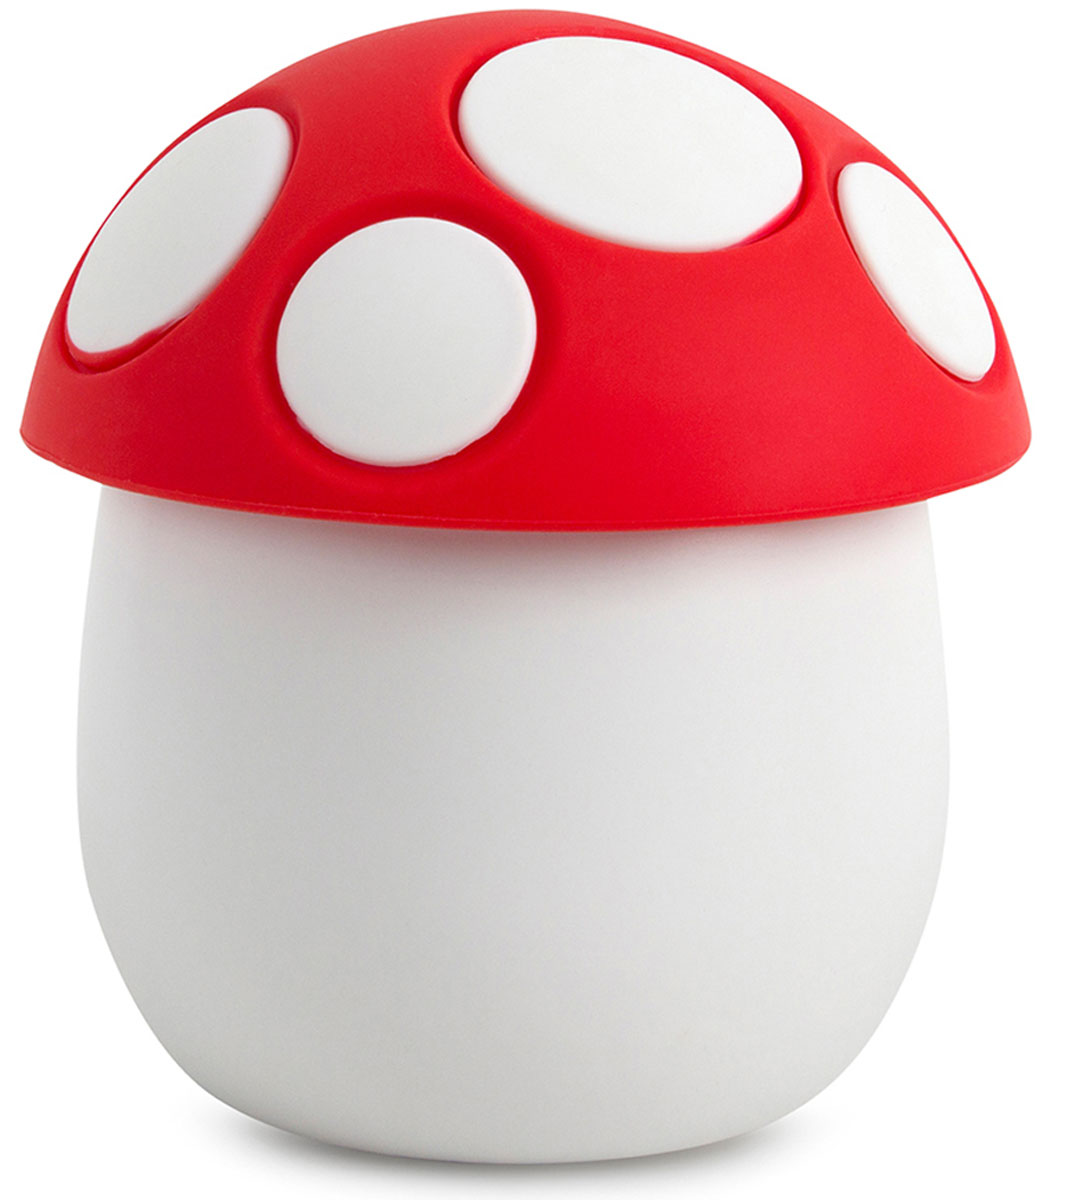 Солонка Balvi Fungo, цвет: белый25761Солонка Fungo выглядит как гриб-мухомор, и изготовлена из качественной керамики и силикона. Ножка солонки (основание) сделана из керамики, а красная шляпка гриба служит крышкой и изготовлена из силикона. Солонка станет отличным подарком для любой хозяйки, которая ценит практичность и оригинальность. Стоит отметить, что солонка рассчитана для мелкой соли.- Уникальный дизайн солонки в виде гриба-мухомора.- Солонка изготовлена из керамики и силикона.- Станет отличным подарком для любой хозяйки.